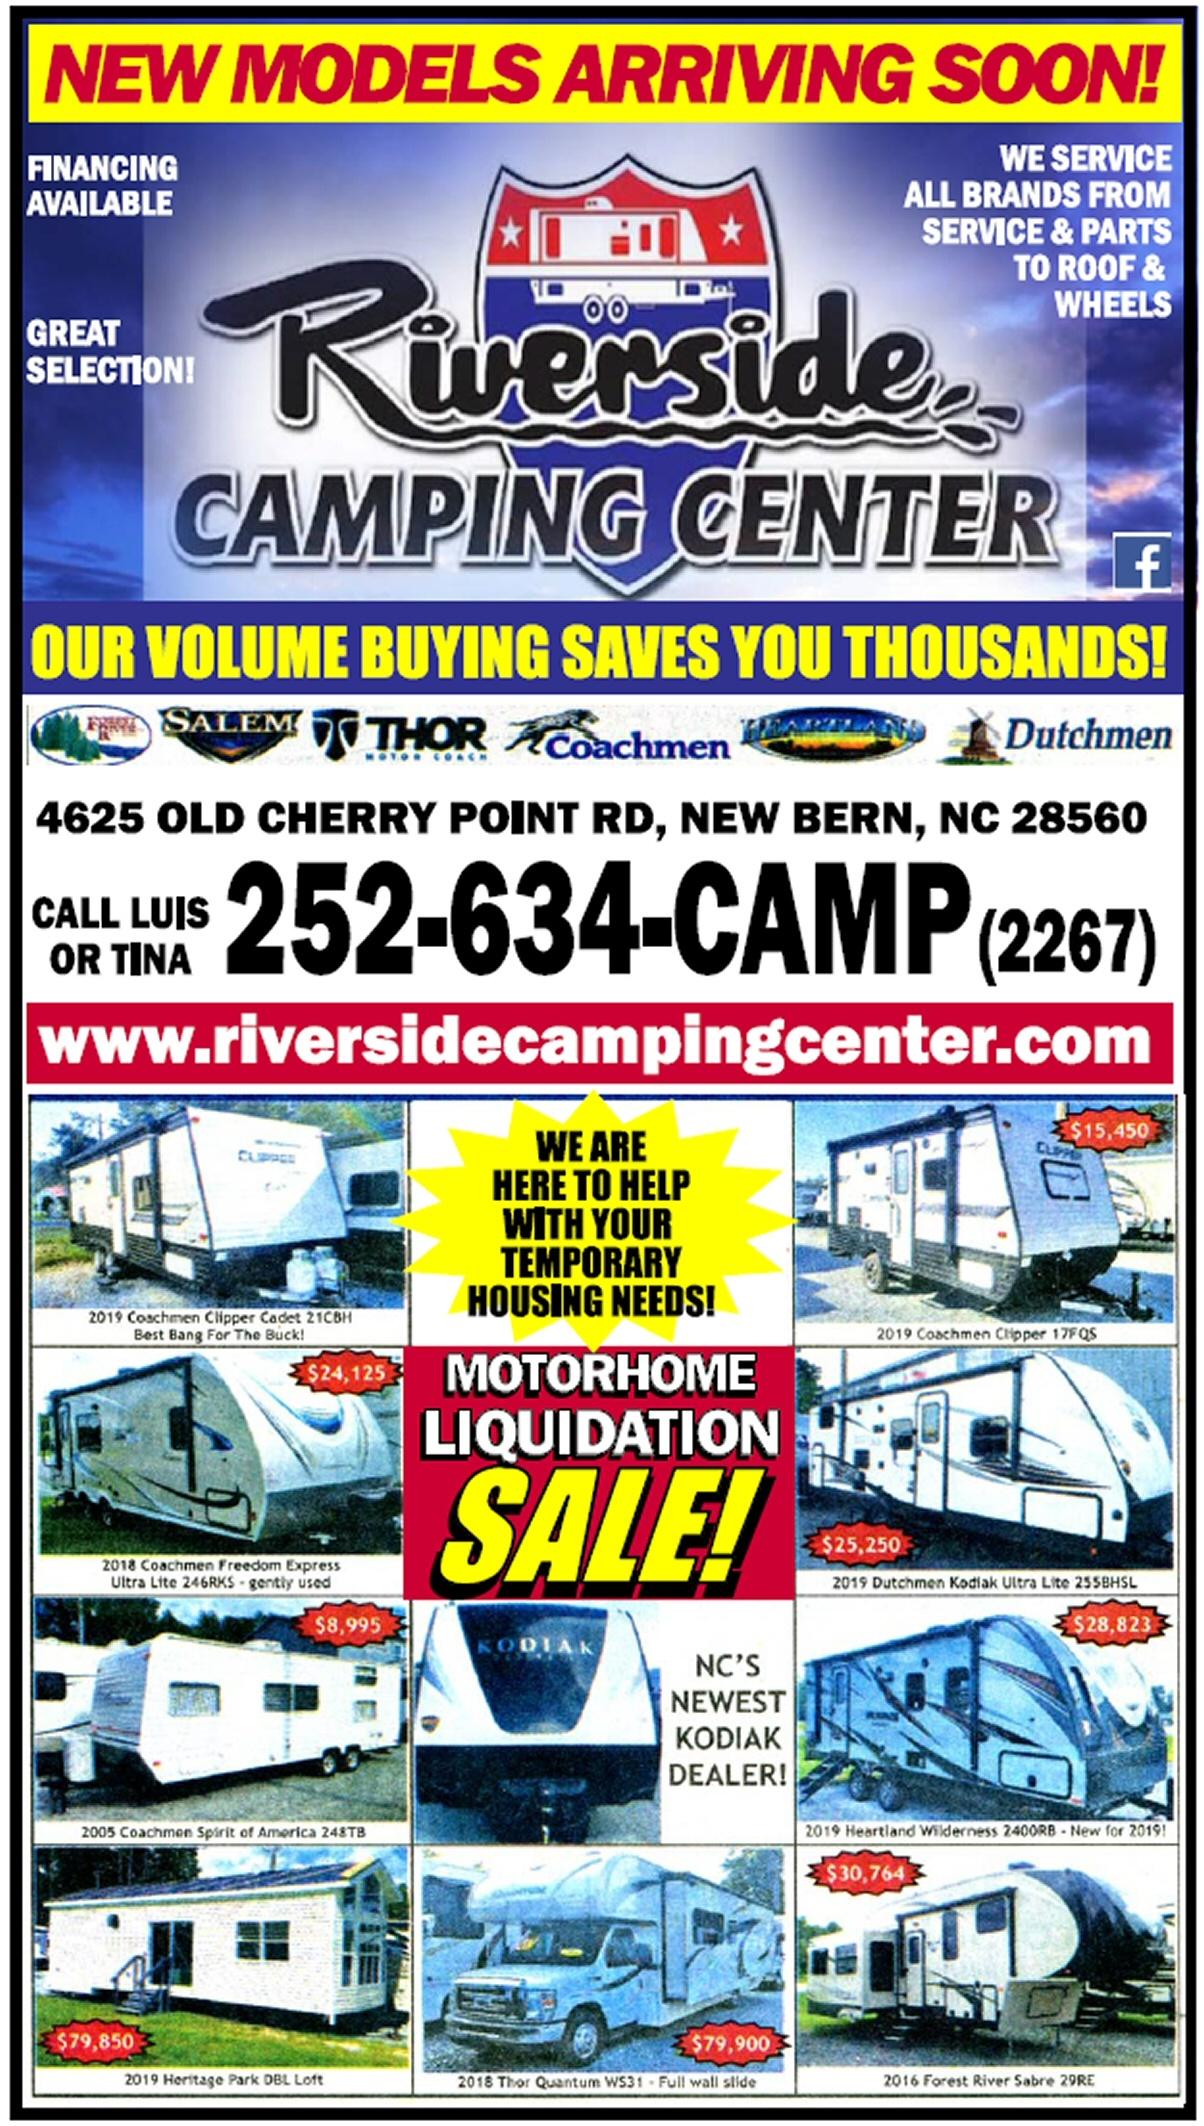 https://0201.nccdn.net/1_2/000/000/0a1/a25/Riverside-Camping-Center-half-online-1204x2126.jpg